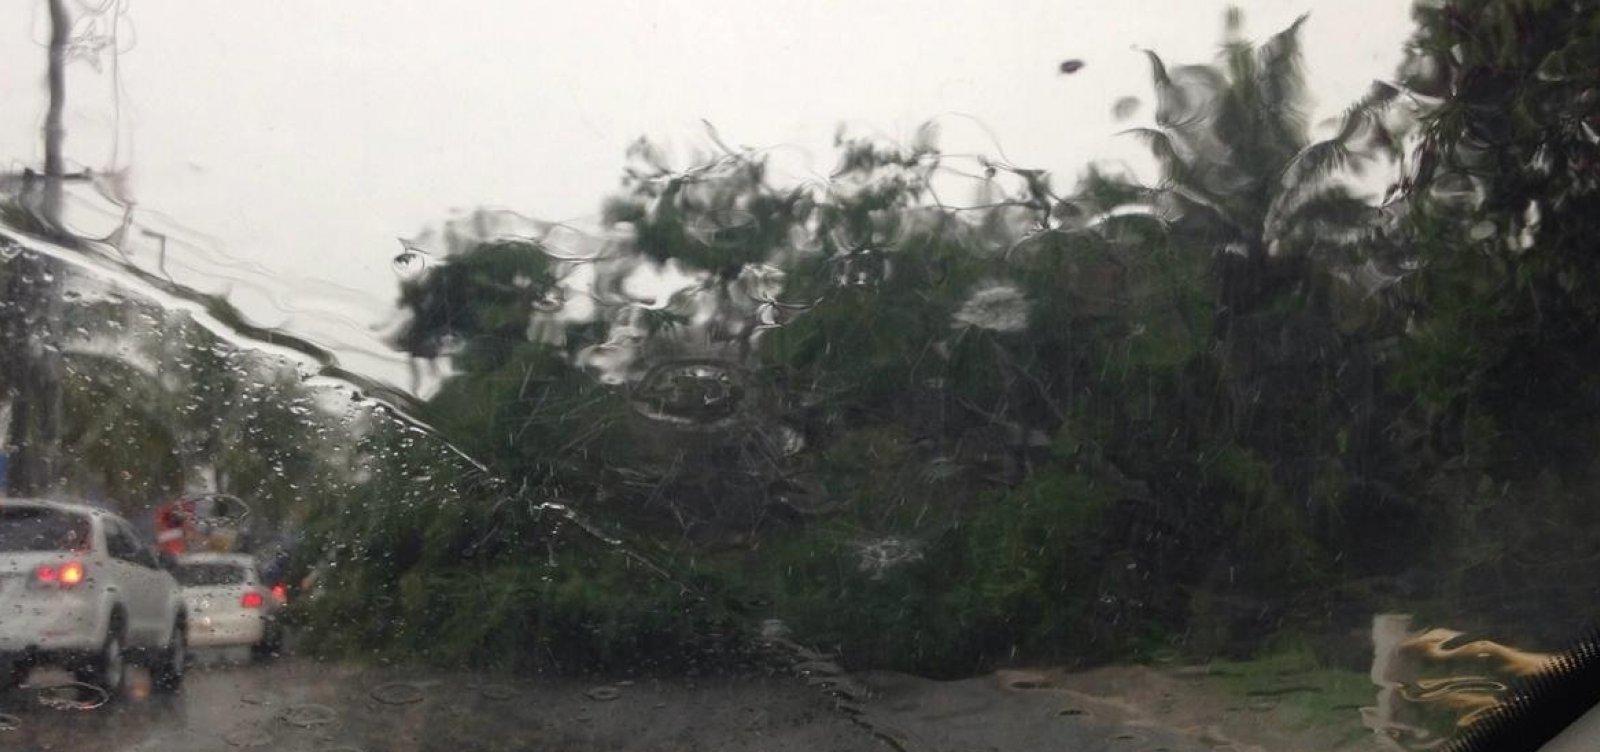 [Chuva provoca queda de árvores em Lauro de Freitas]